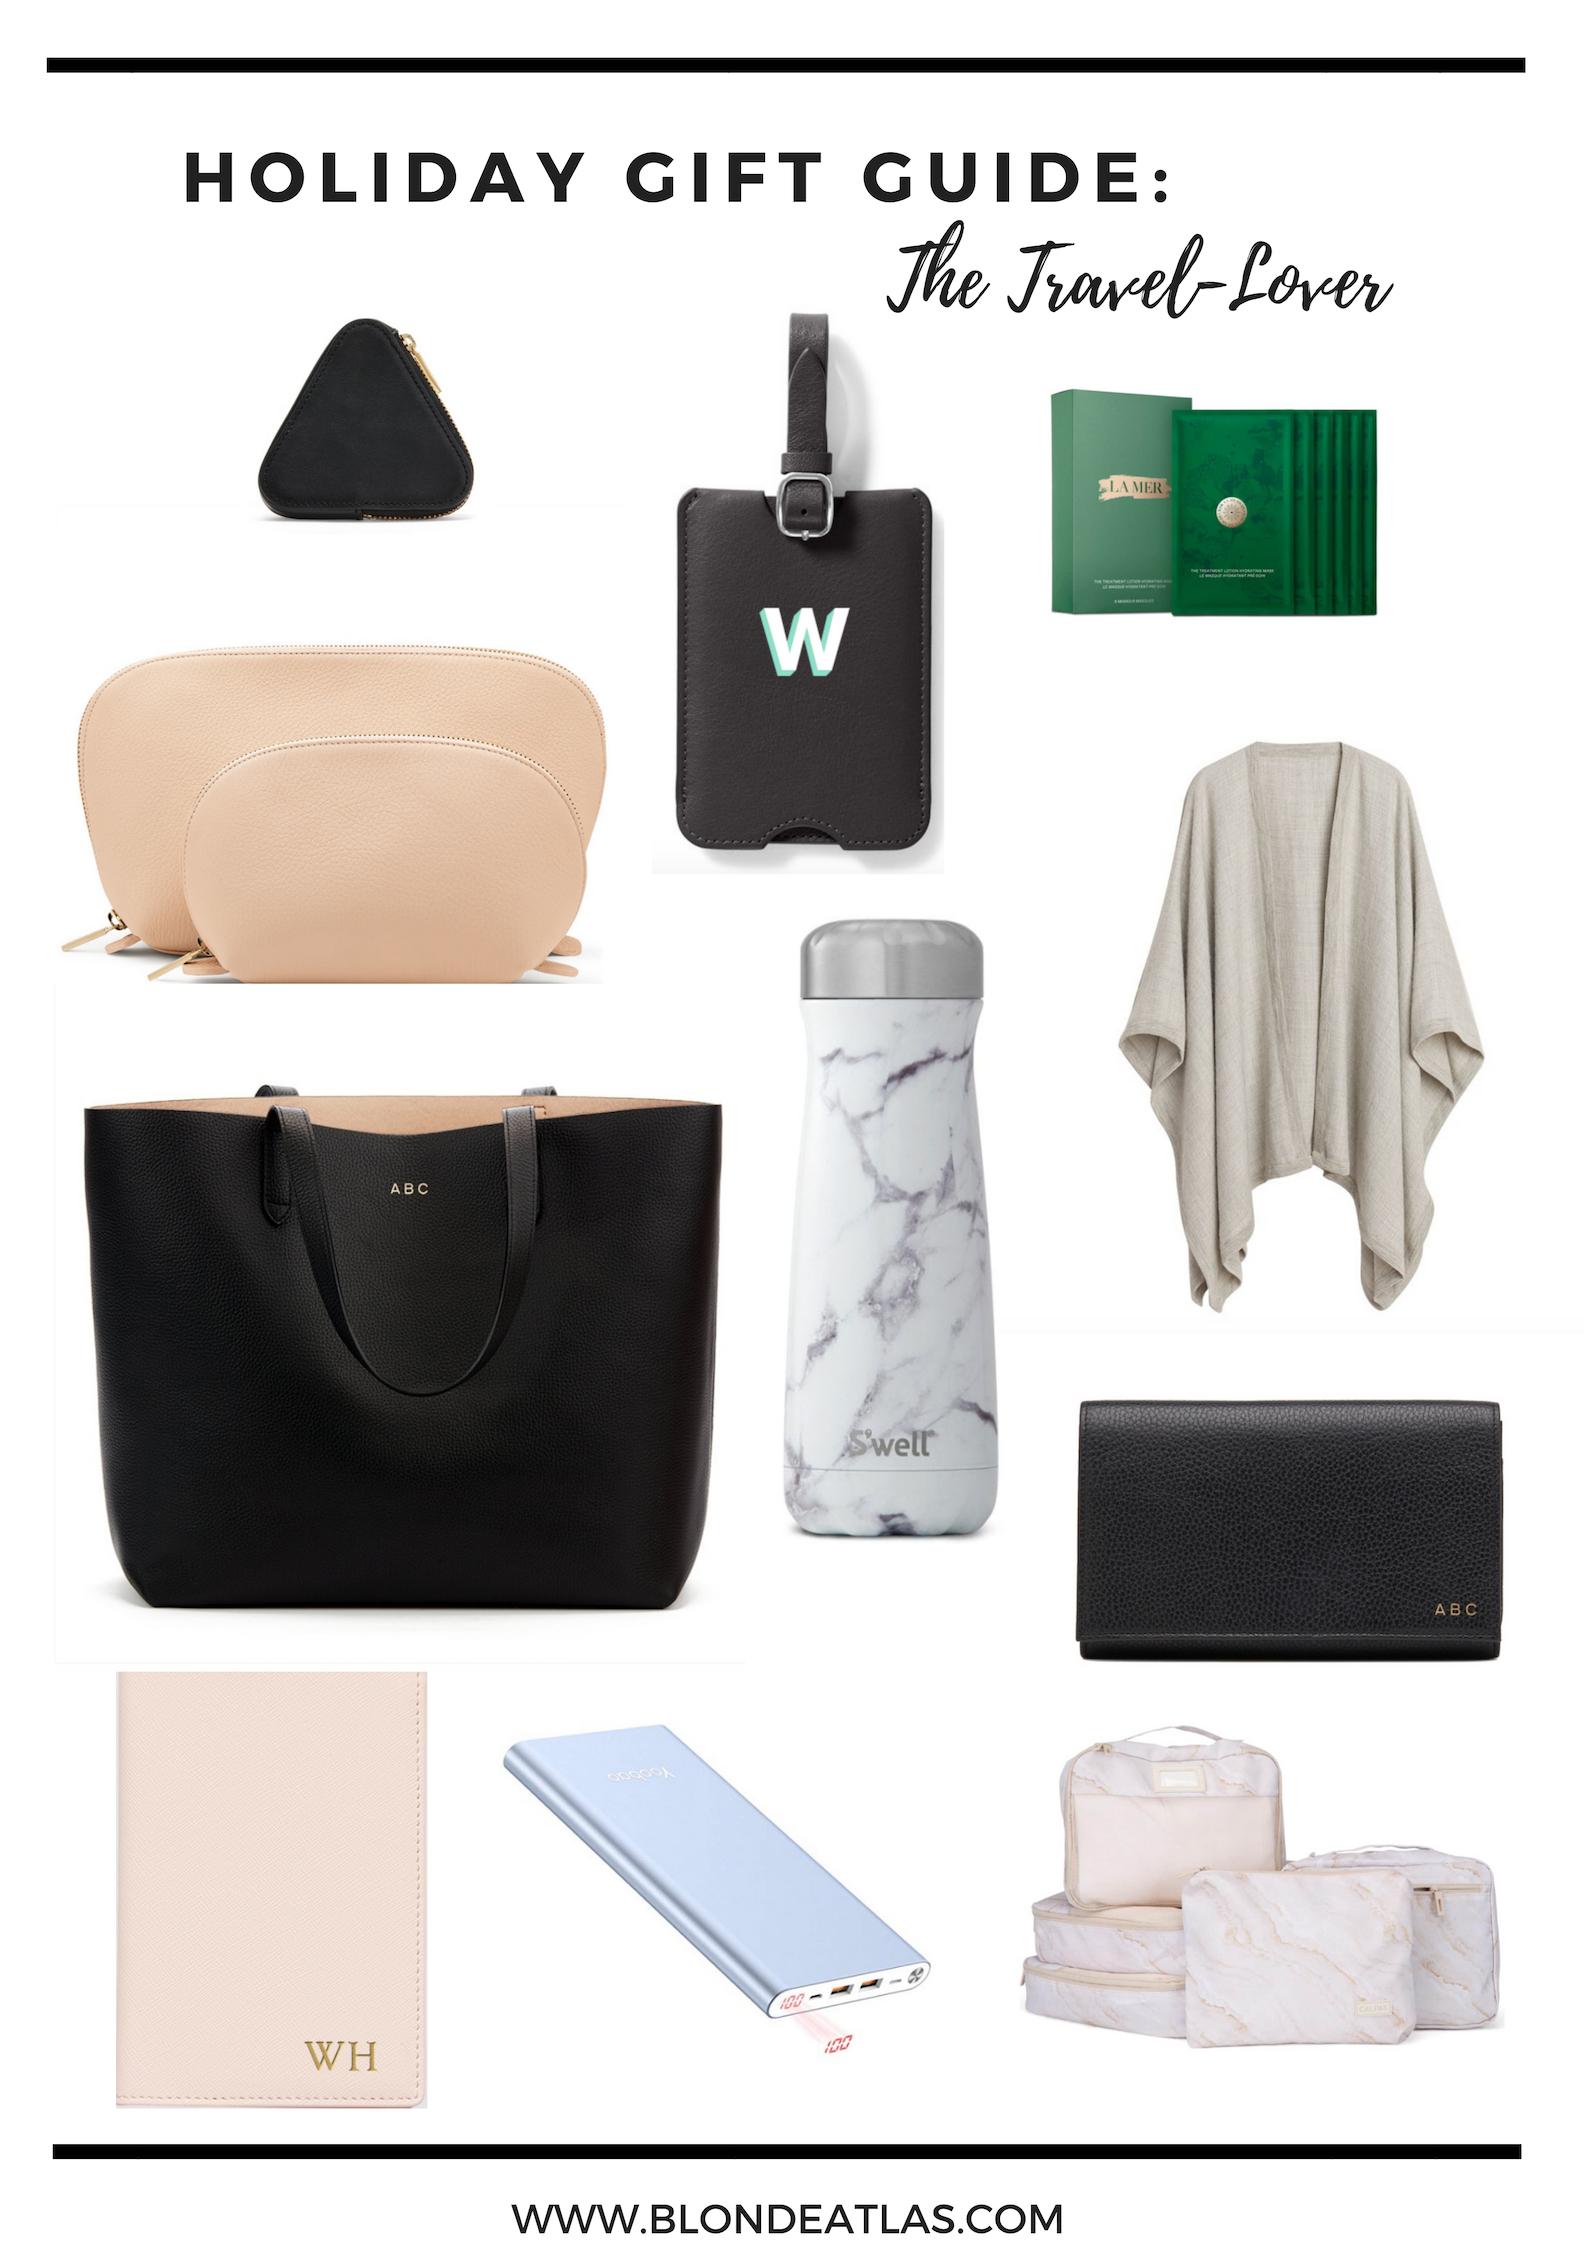 travel lover gift guide